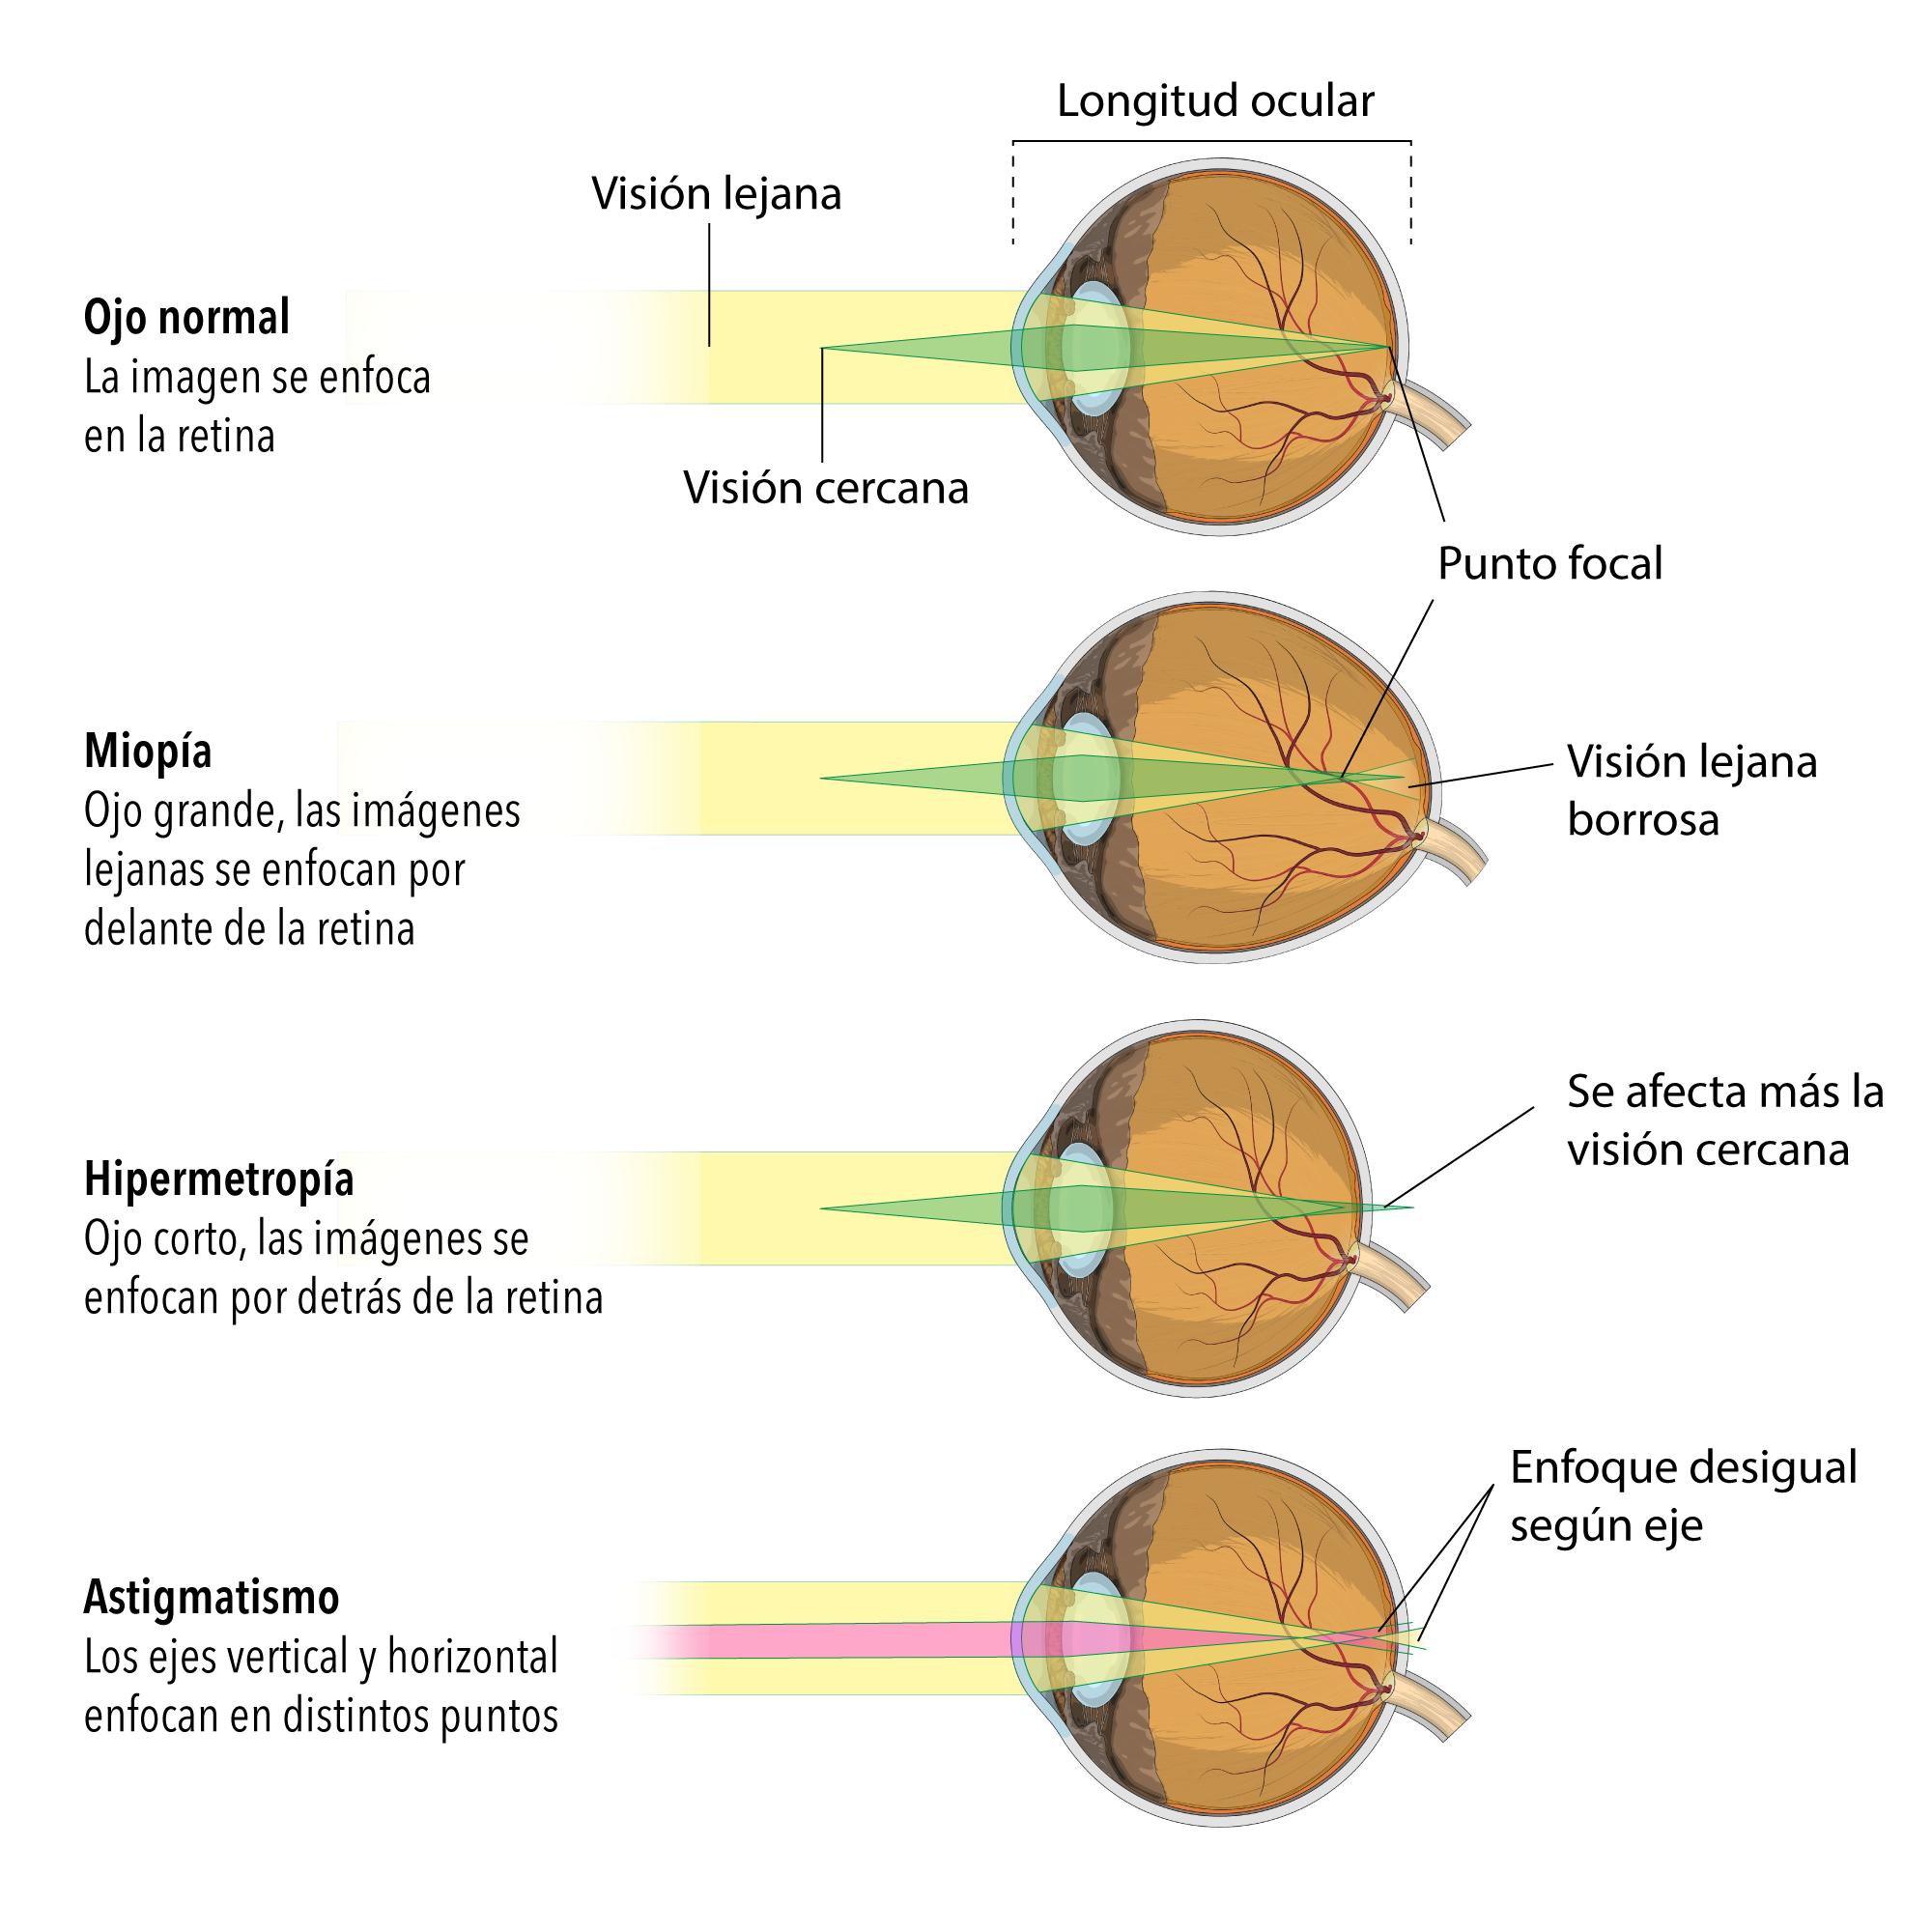 6b59109048 Sociedad Española de Estrabología: Miopía, hipermetropía y astigmatismo